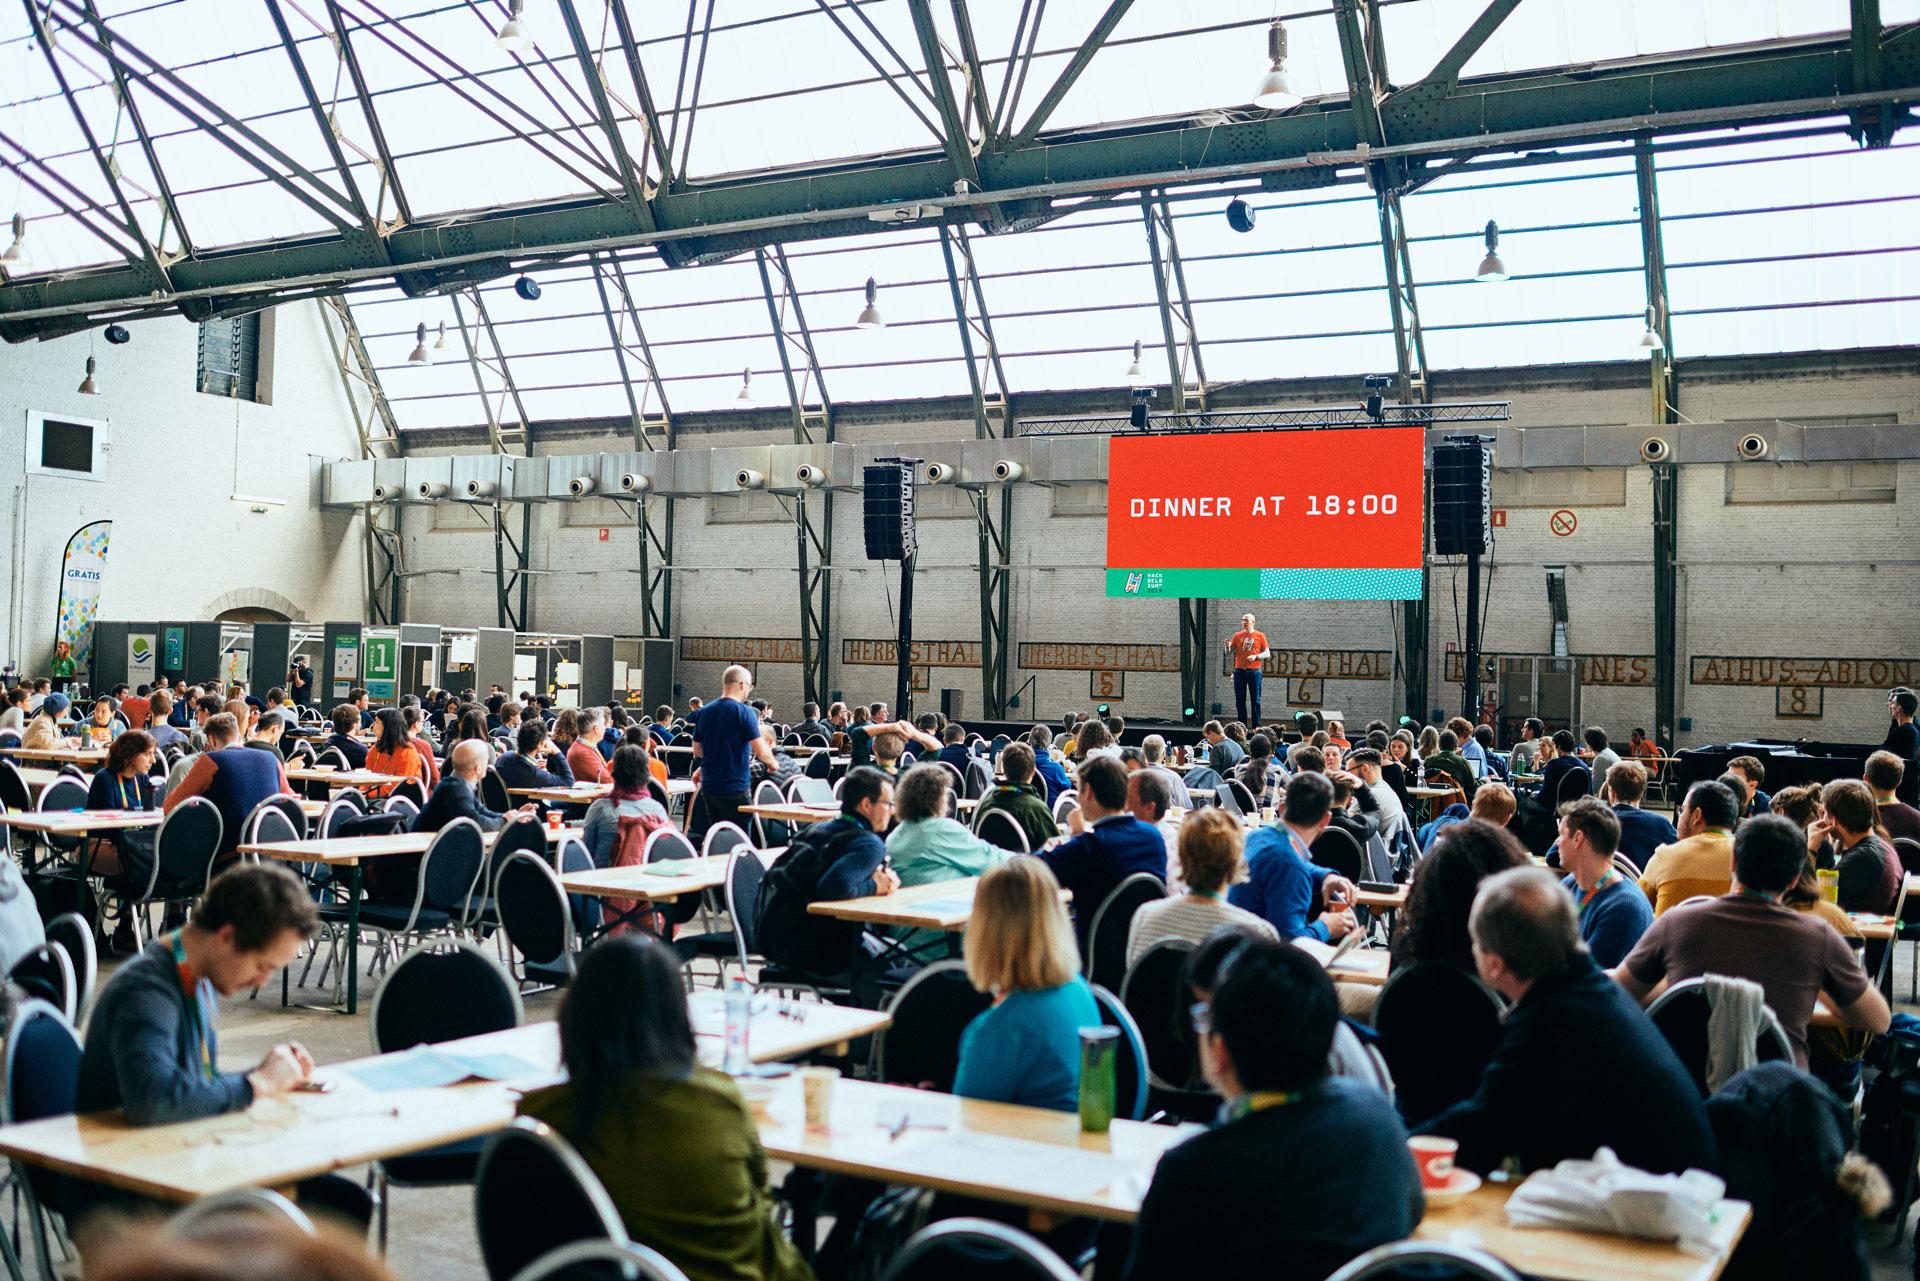 hack4oceans-hackathon-2019-hack-belgium-01-1920x1281